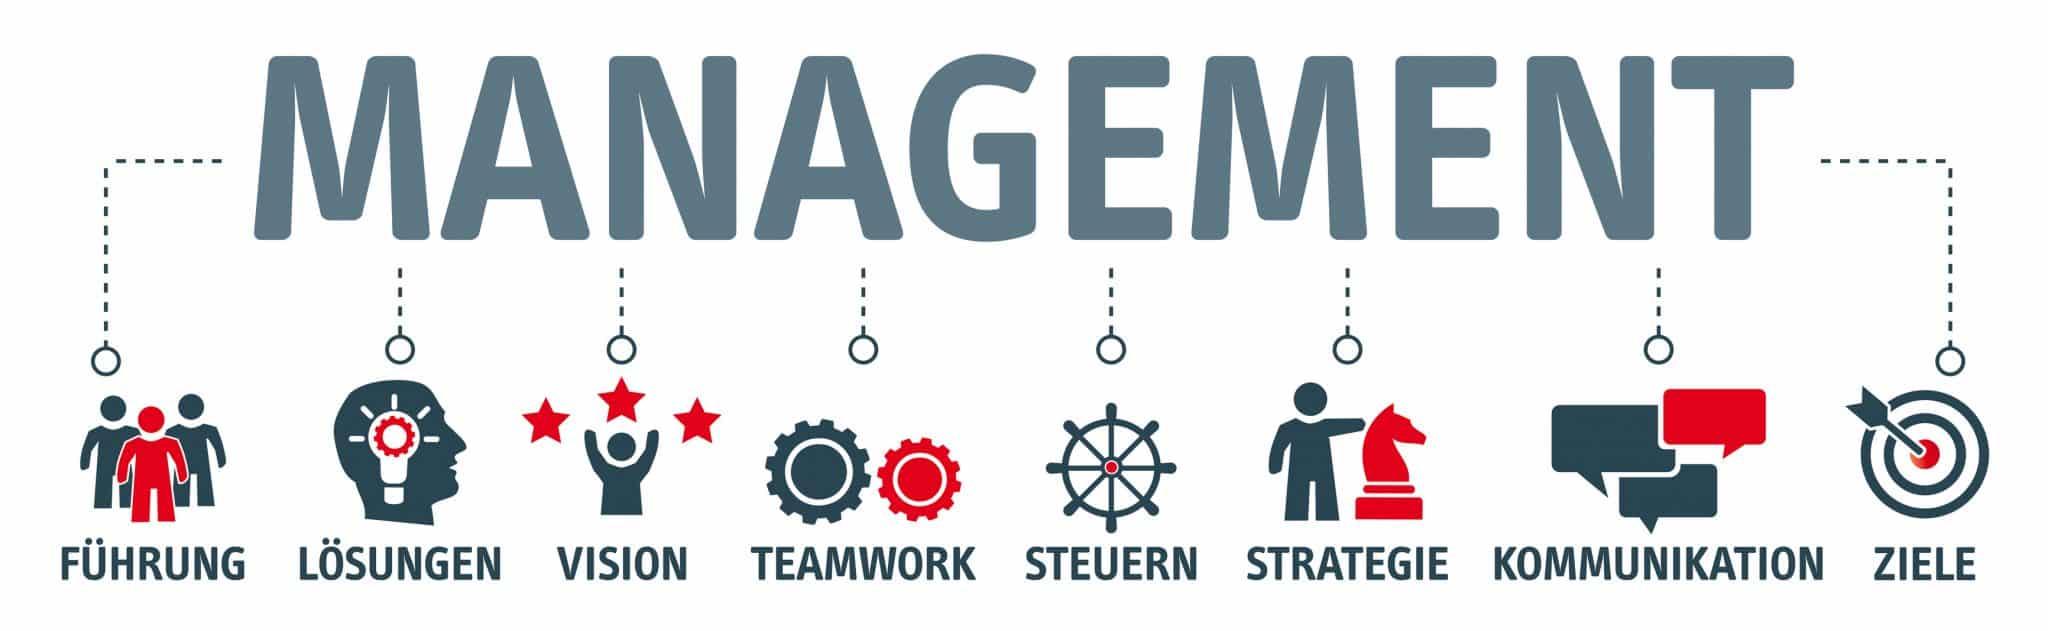 Aufgaben als GmbH Geschäftsführer kennen